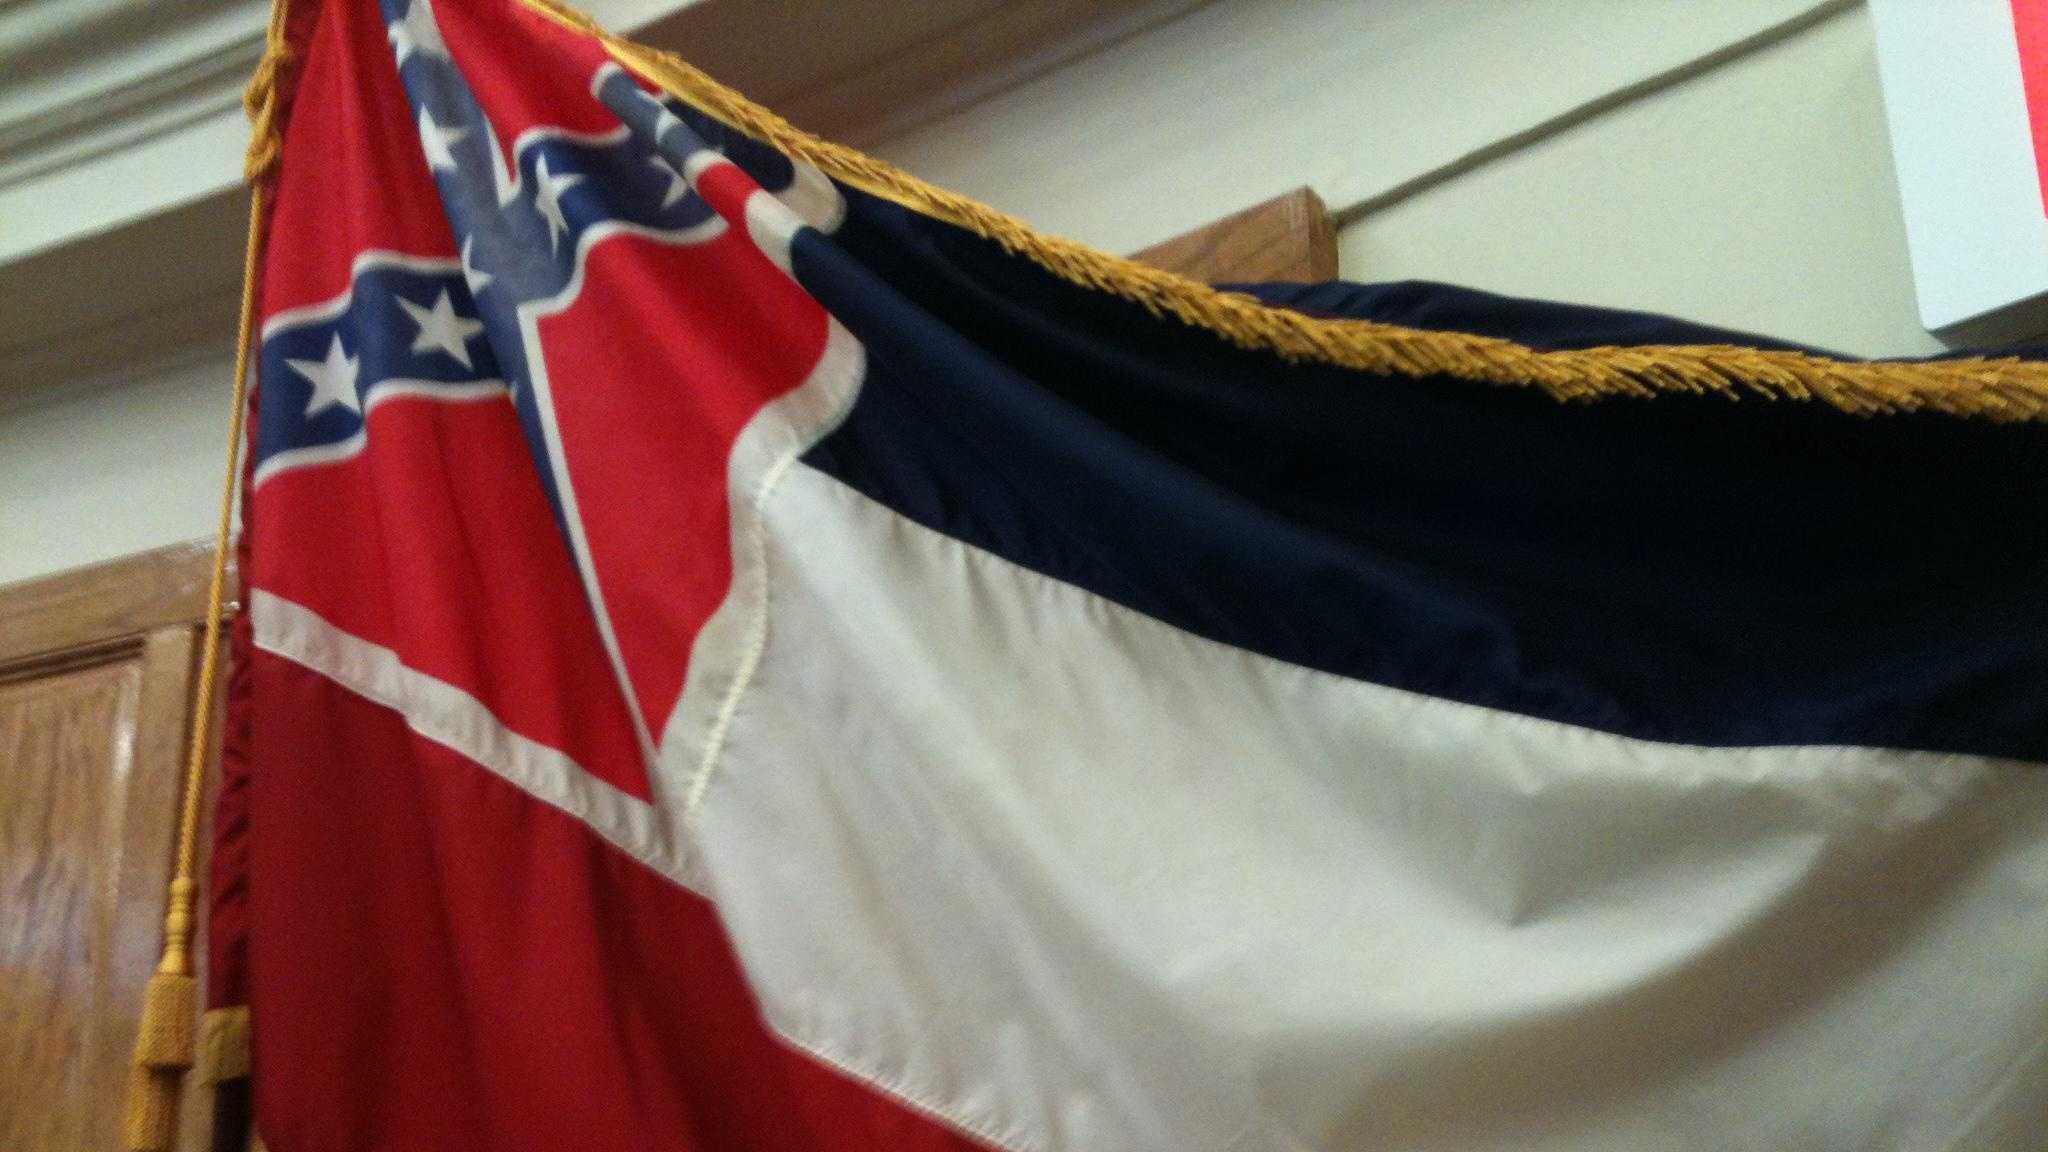 Mississippi State Flag - 24594298